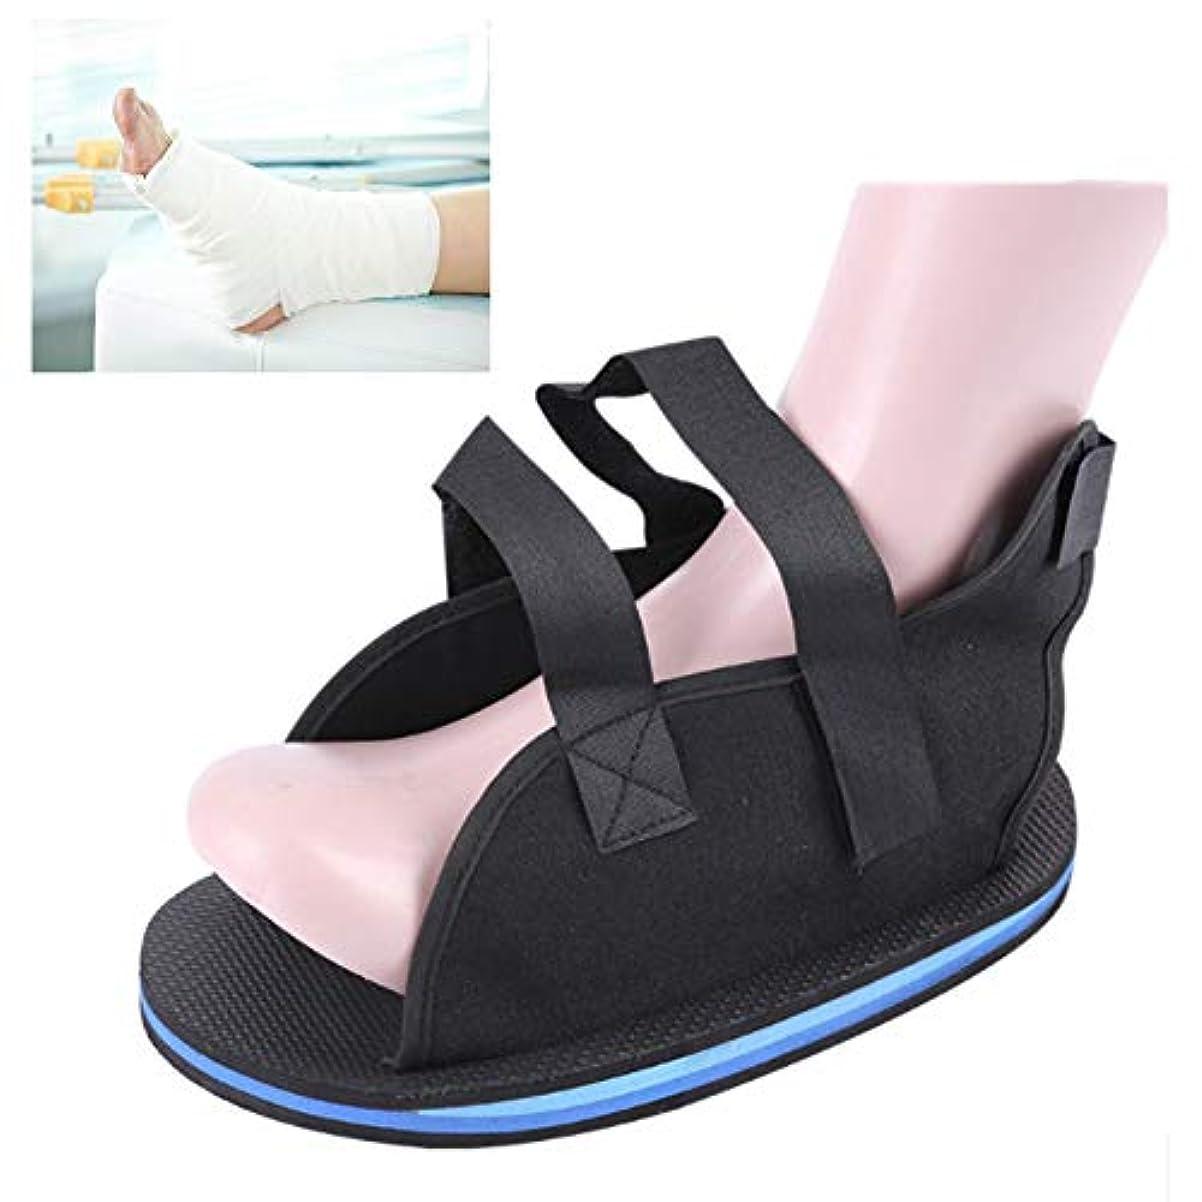 側溝アイロニー普遍的な術後ウォーキングブートキャスト医療靴骨折足の靴ポスト傷害外科治療リハビリ石膏靴,22cm2pcs